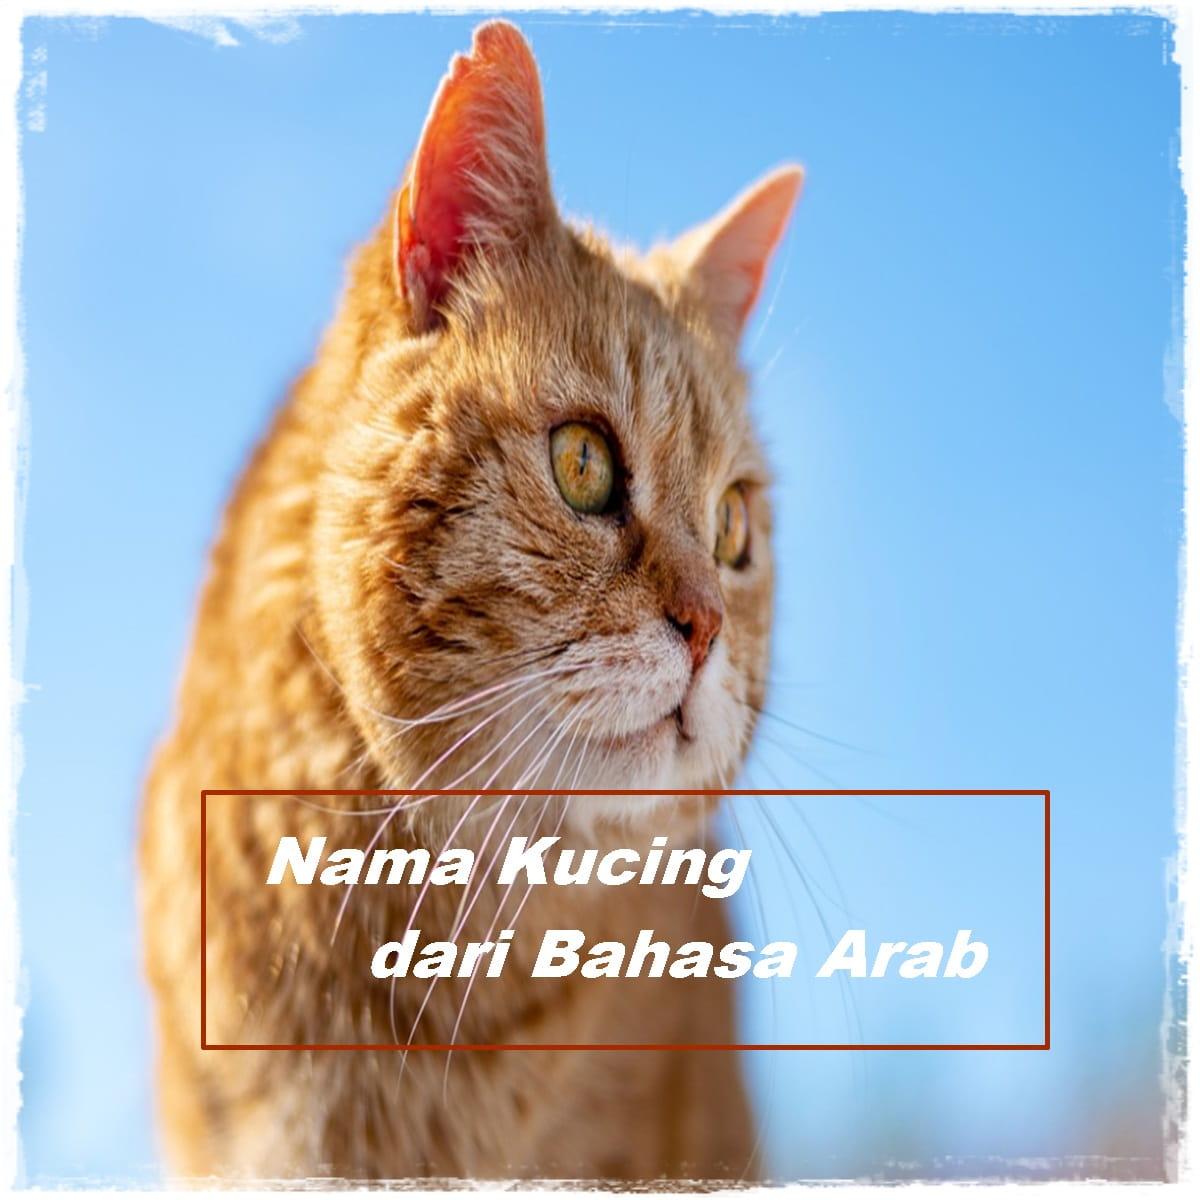 Nama Kucing Islam Bahasa Arab